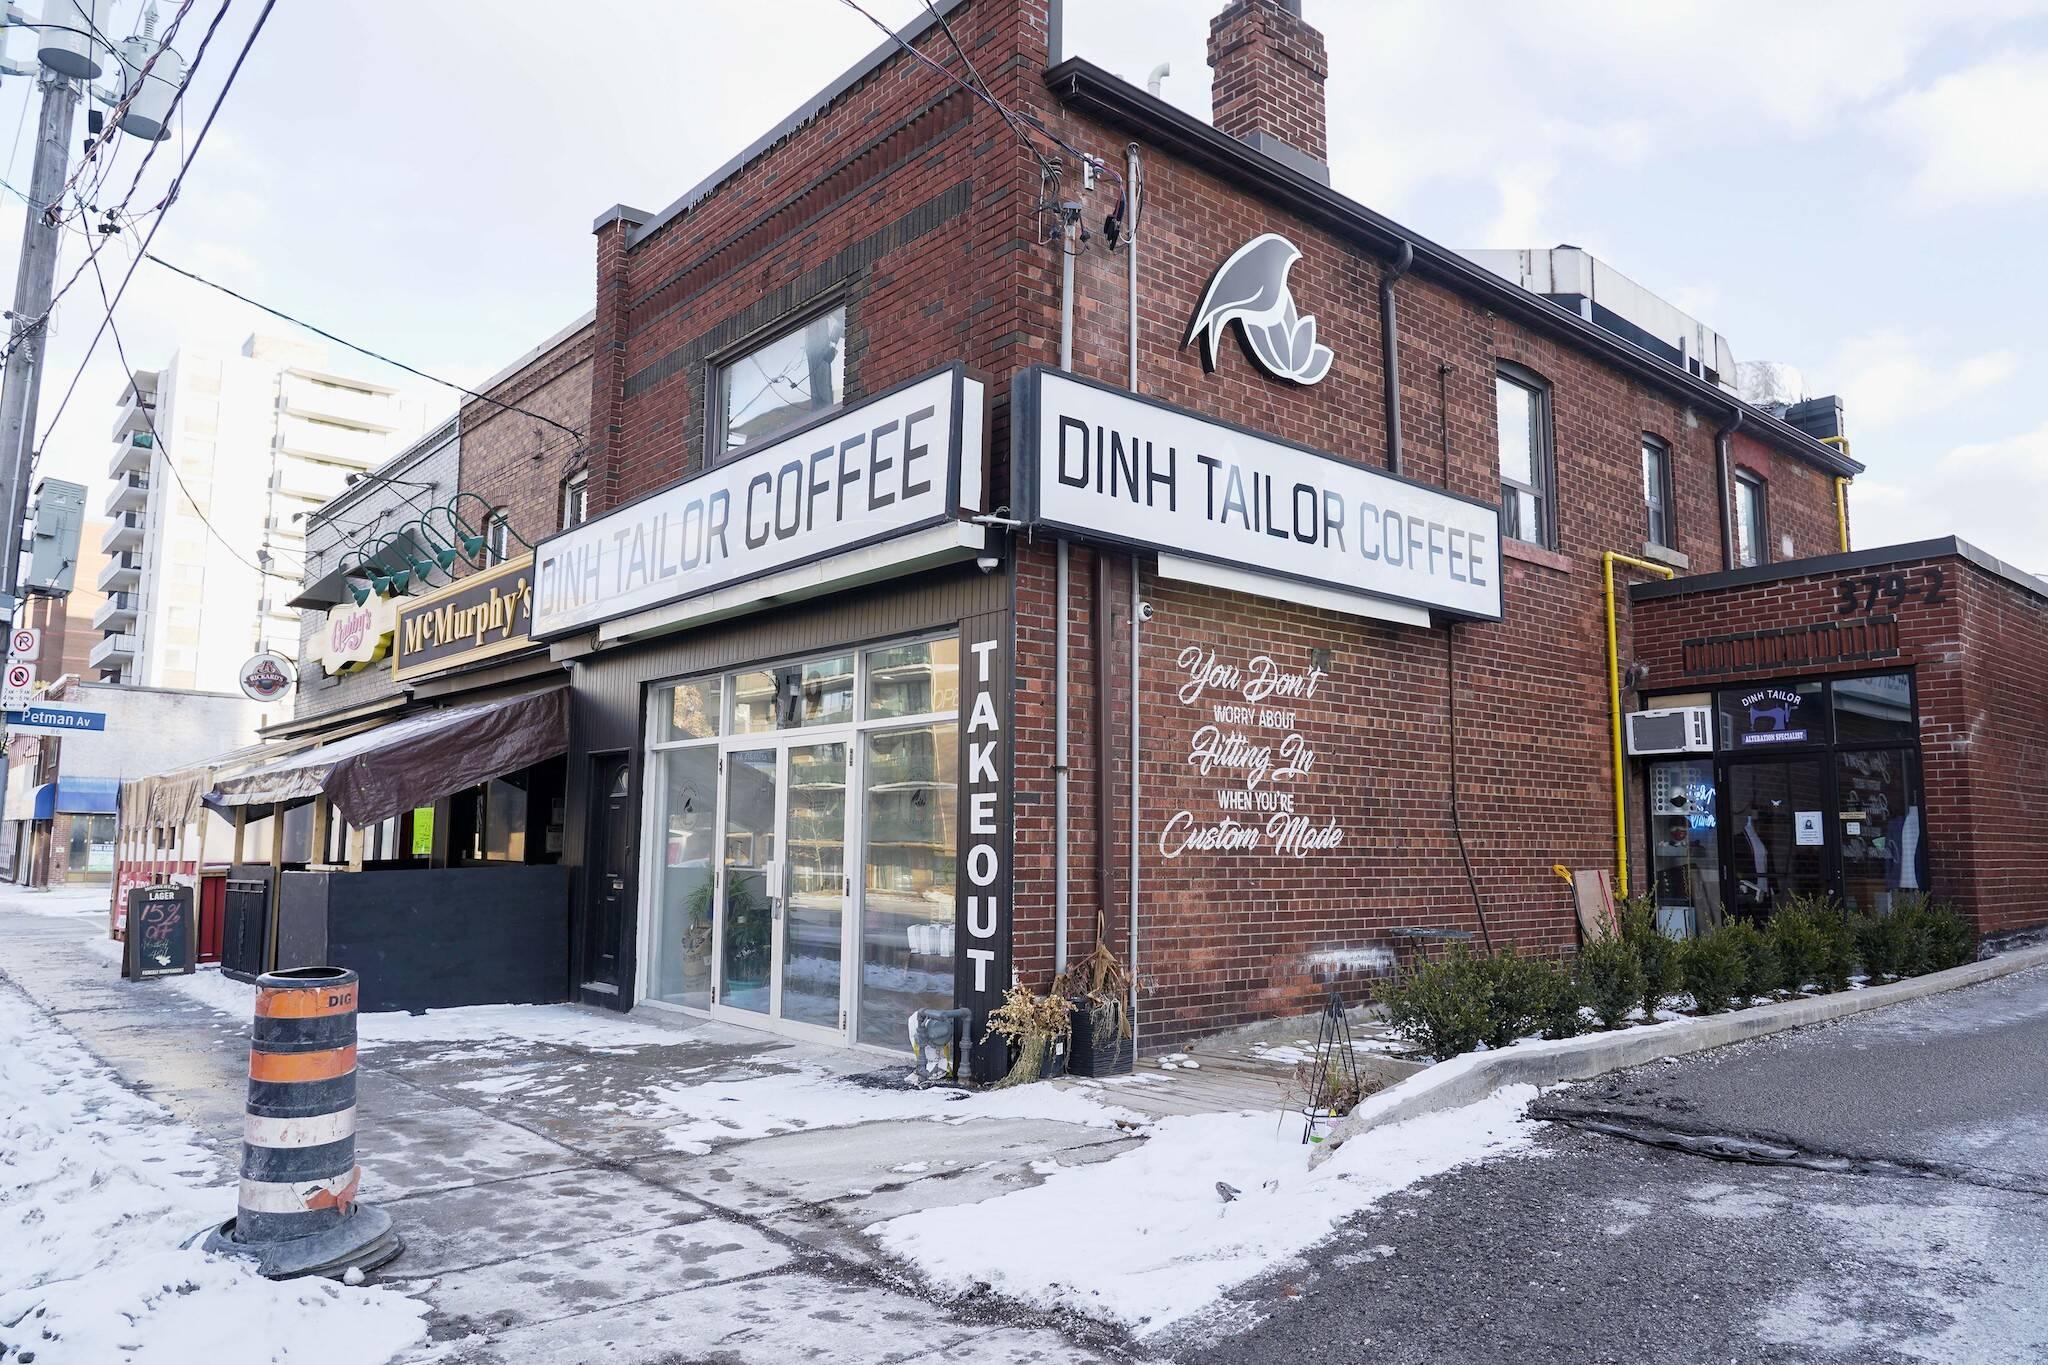 dinh tailor coffee toronto